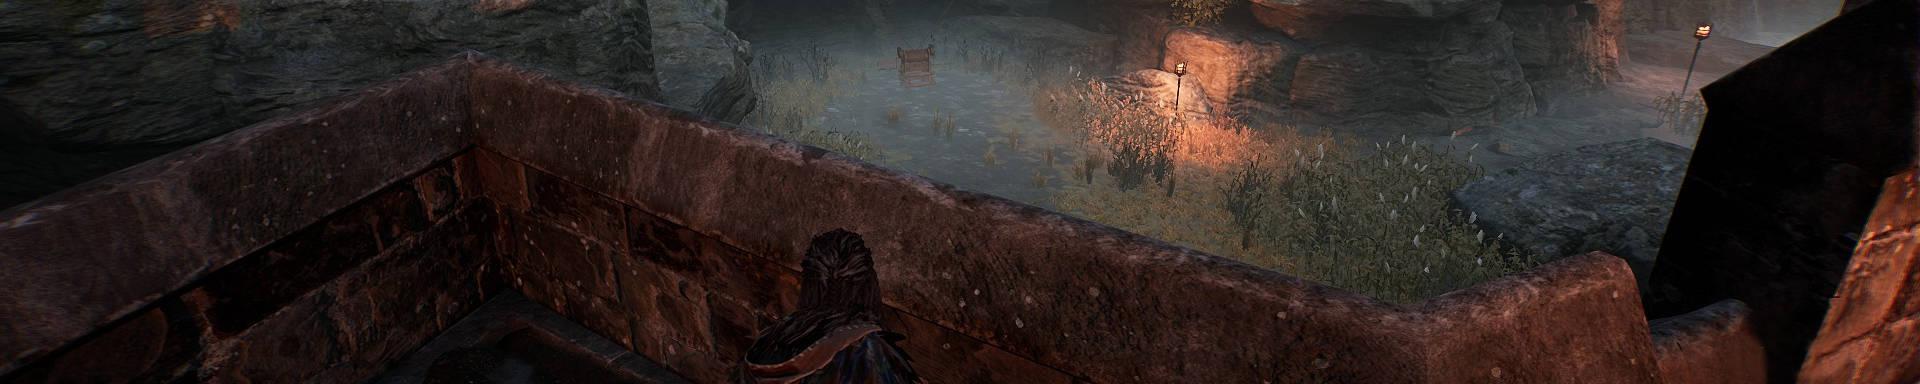 Hood Outlaws & Legends Marshland Kartenführer - Windenscheibe